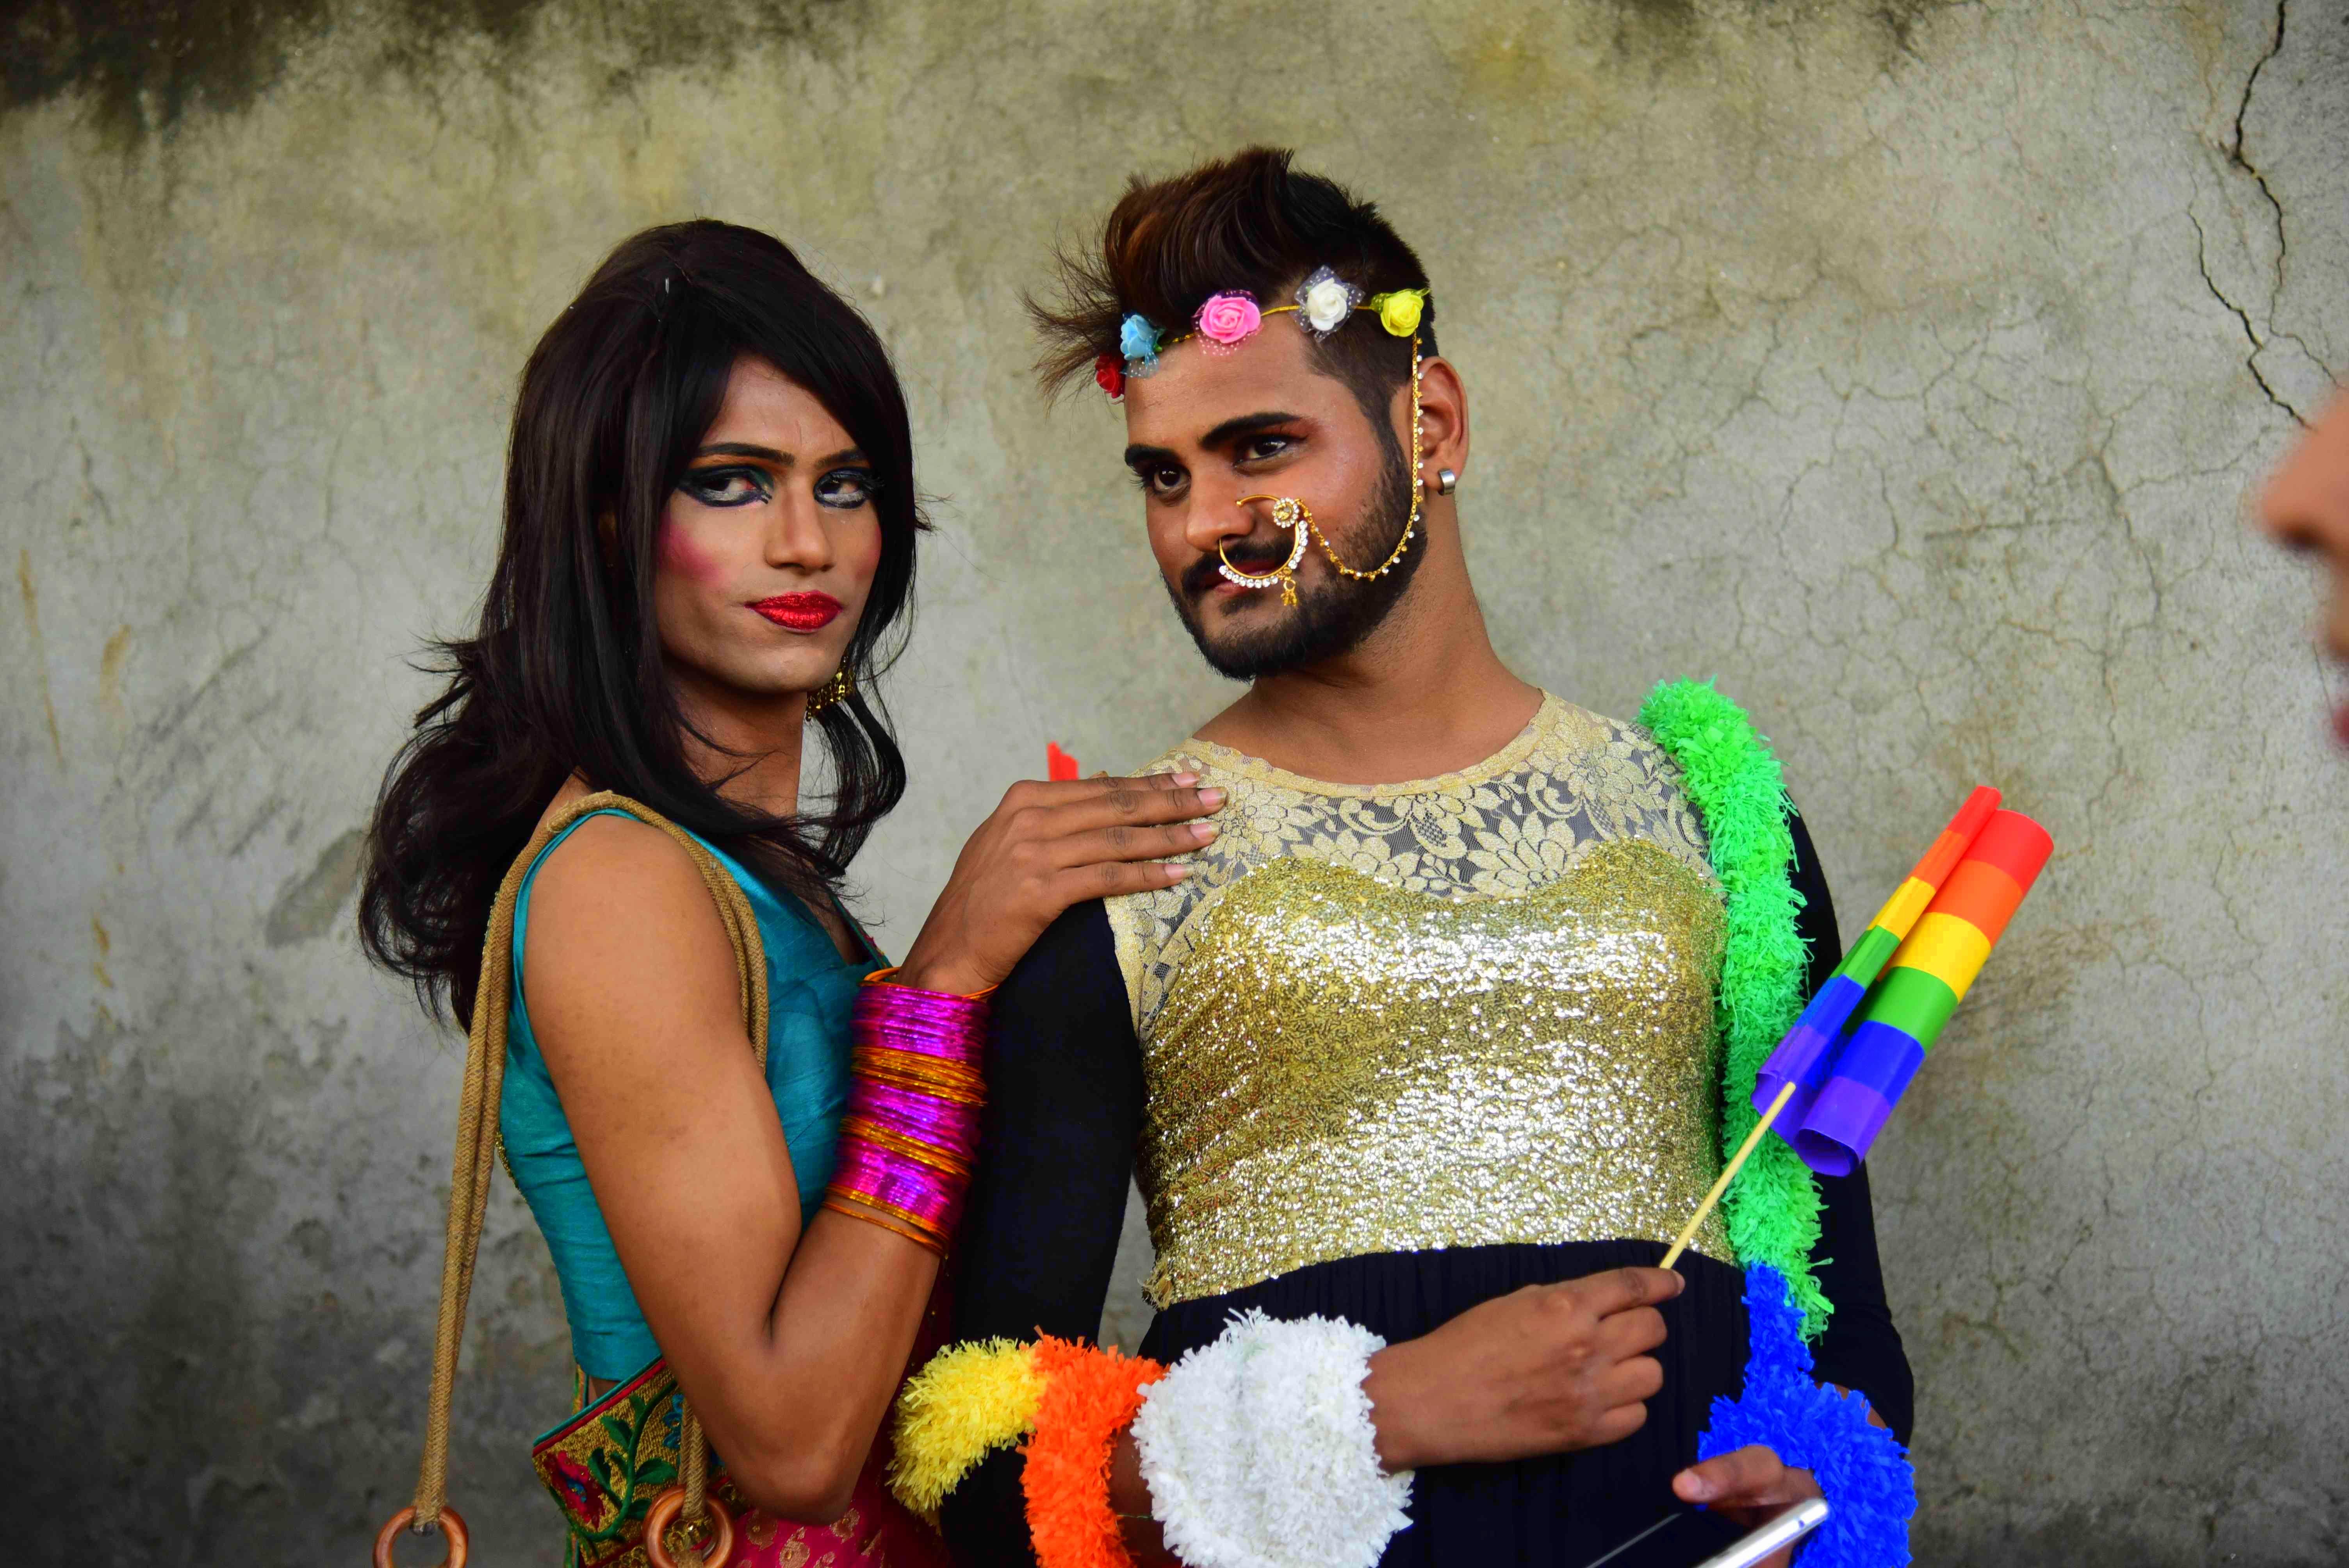 lgbt pride in india. delhi, gay pride march